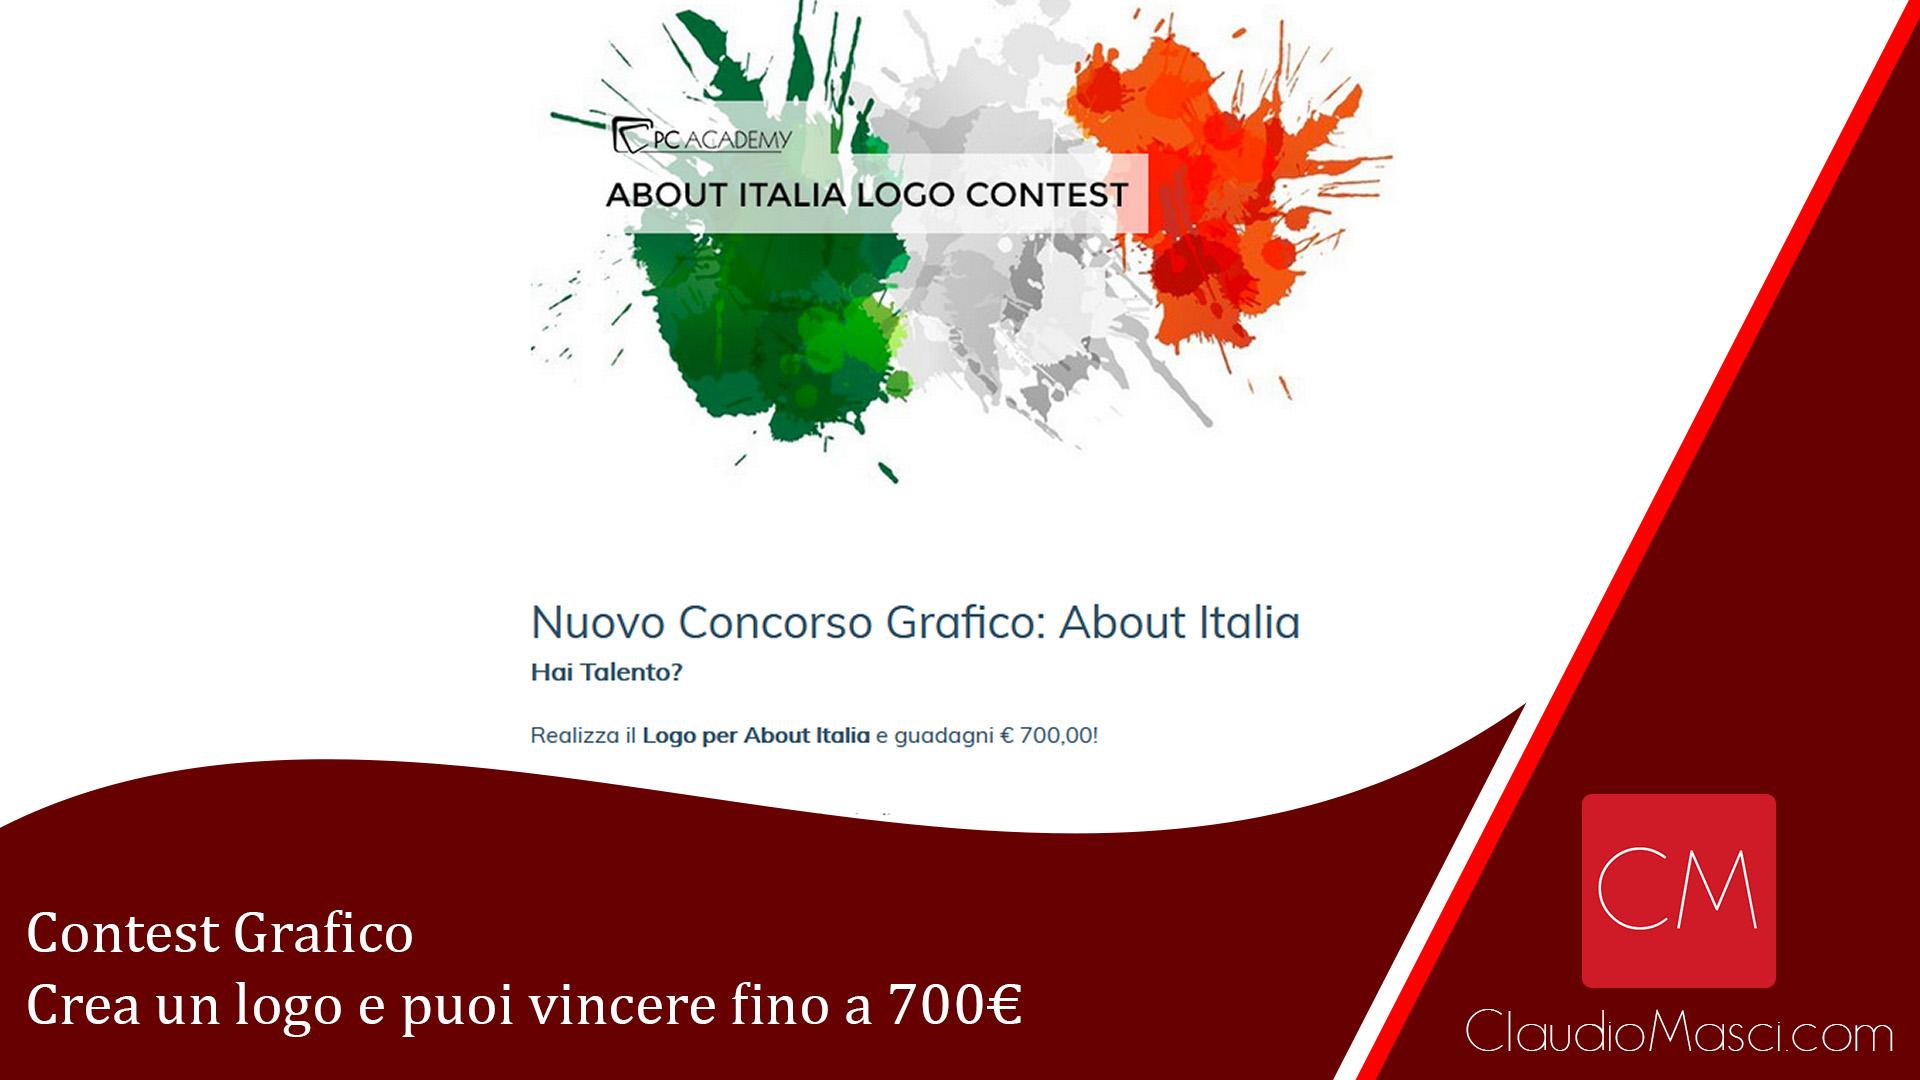 Contest Grafico – Crea un logo e puoi vincere fino a 700€